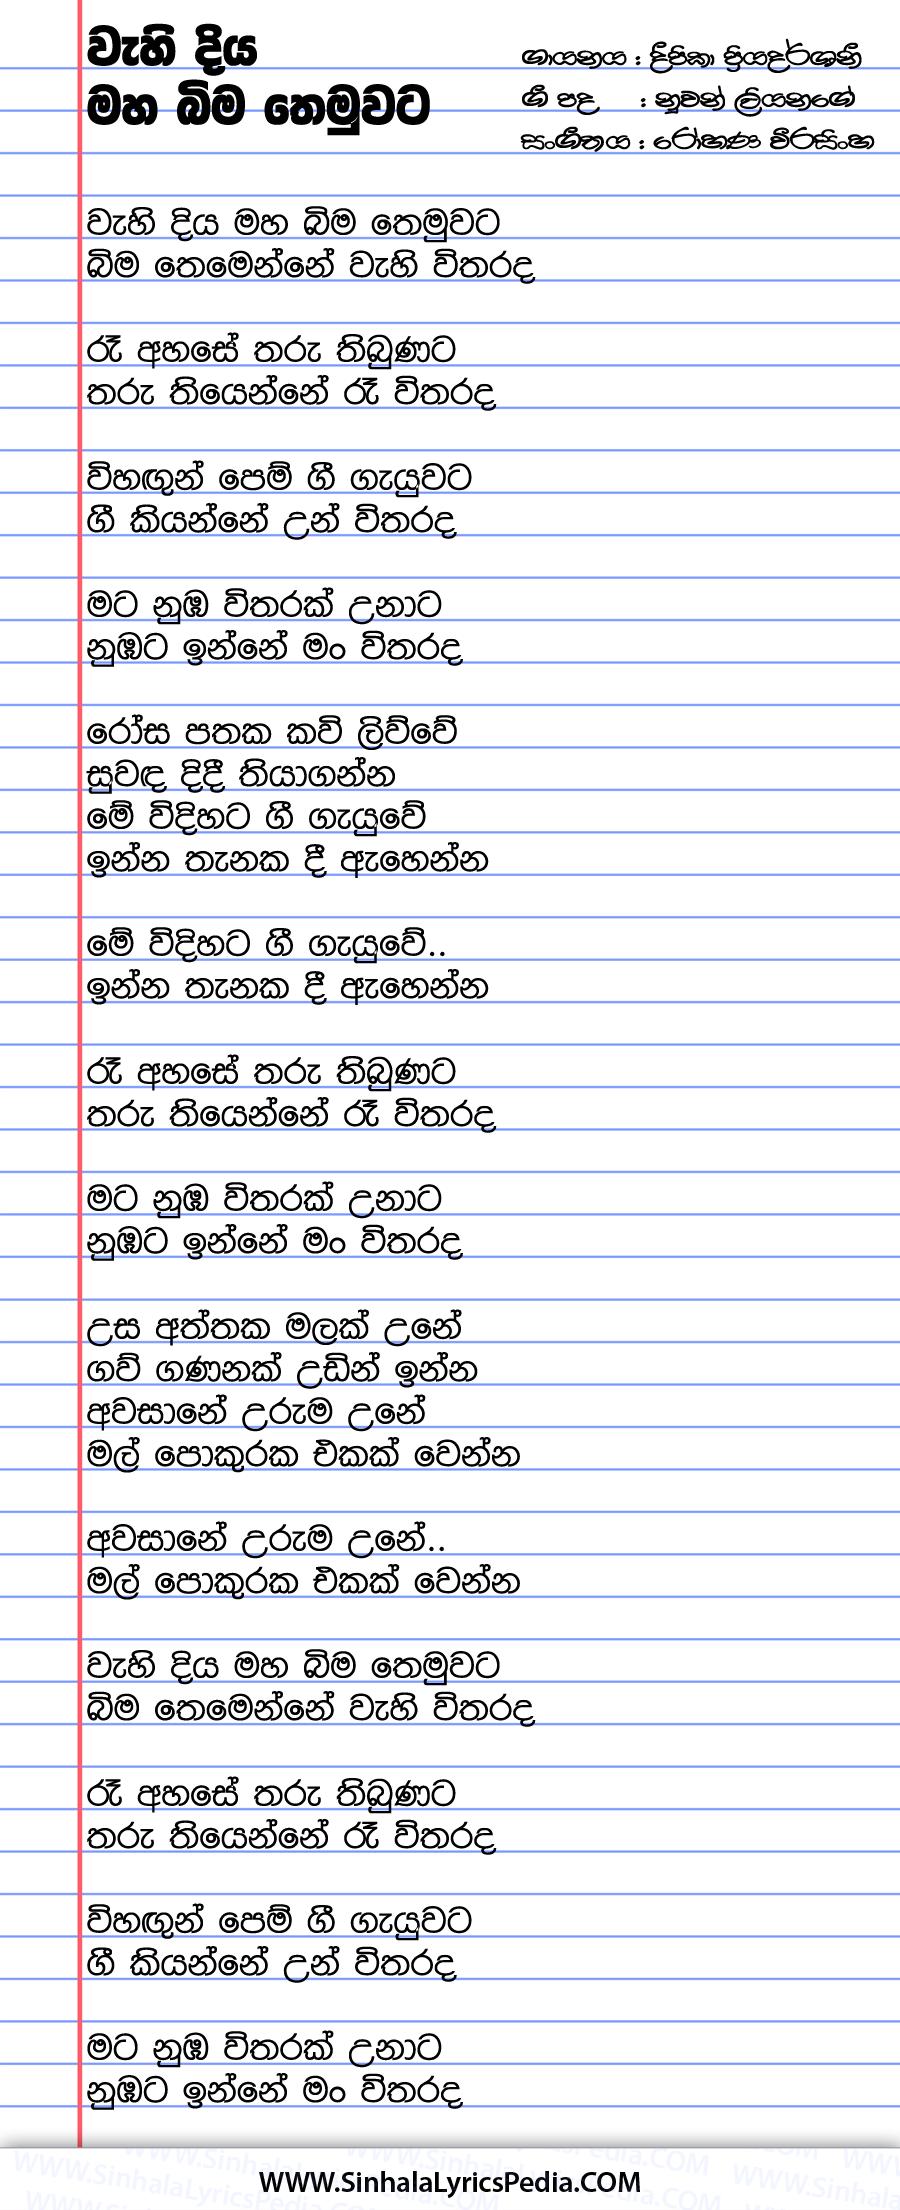 Wahi Diya Maha Bima Themuwata Song Lyrics